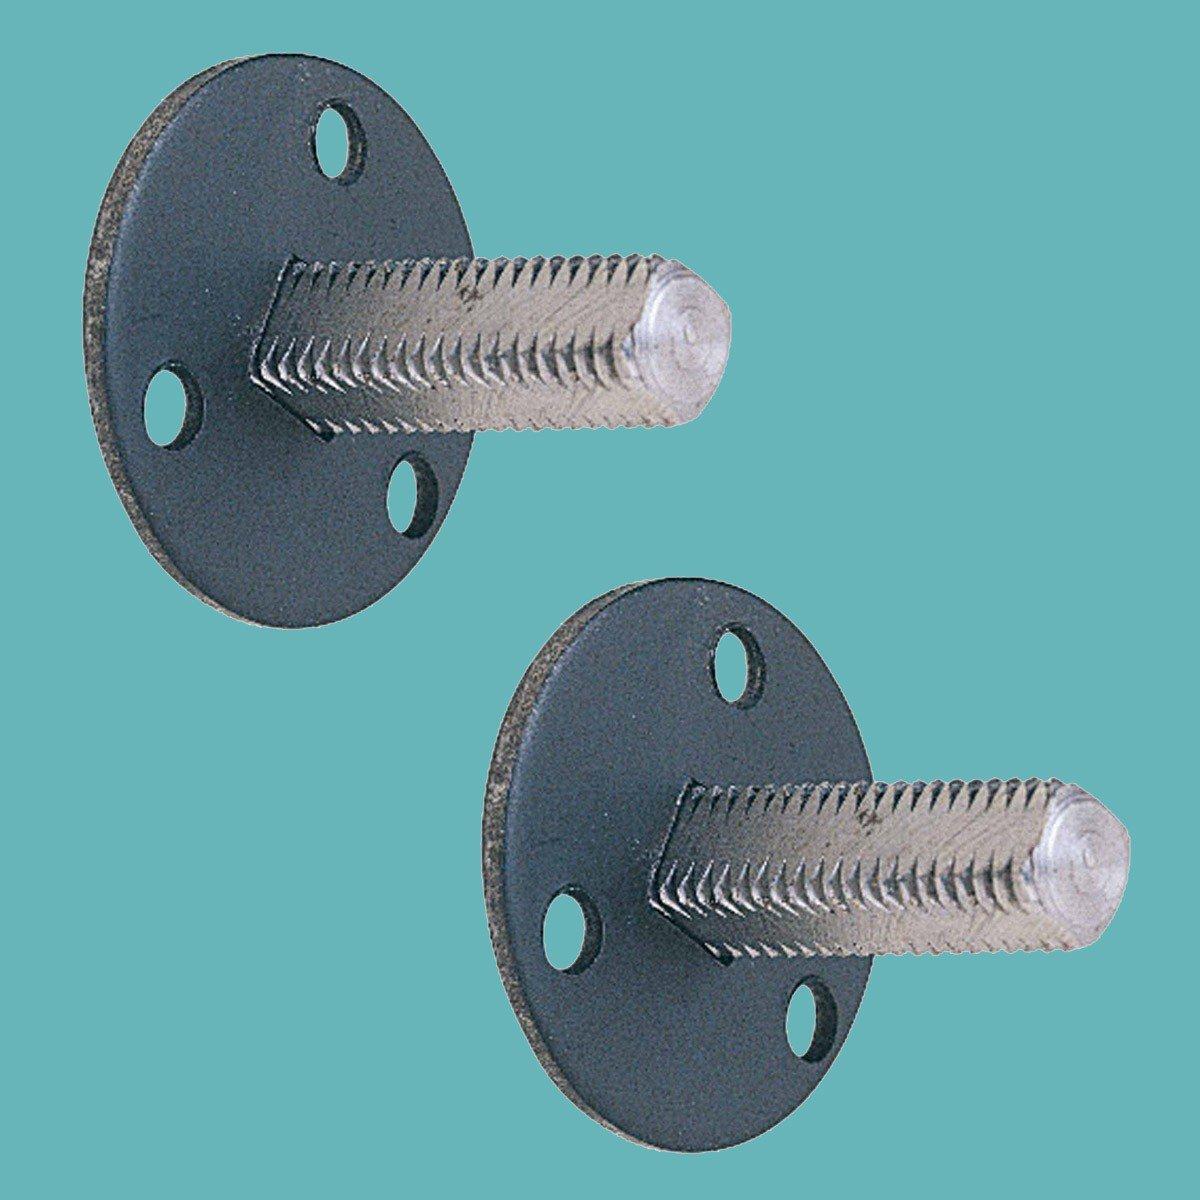 6 1 3//8 Standard Threaded Steel Dummy Doorknob Spindle Renovators Supply